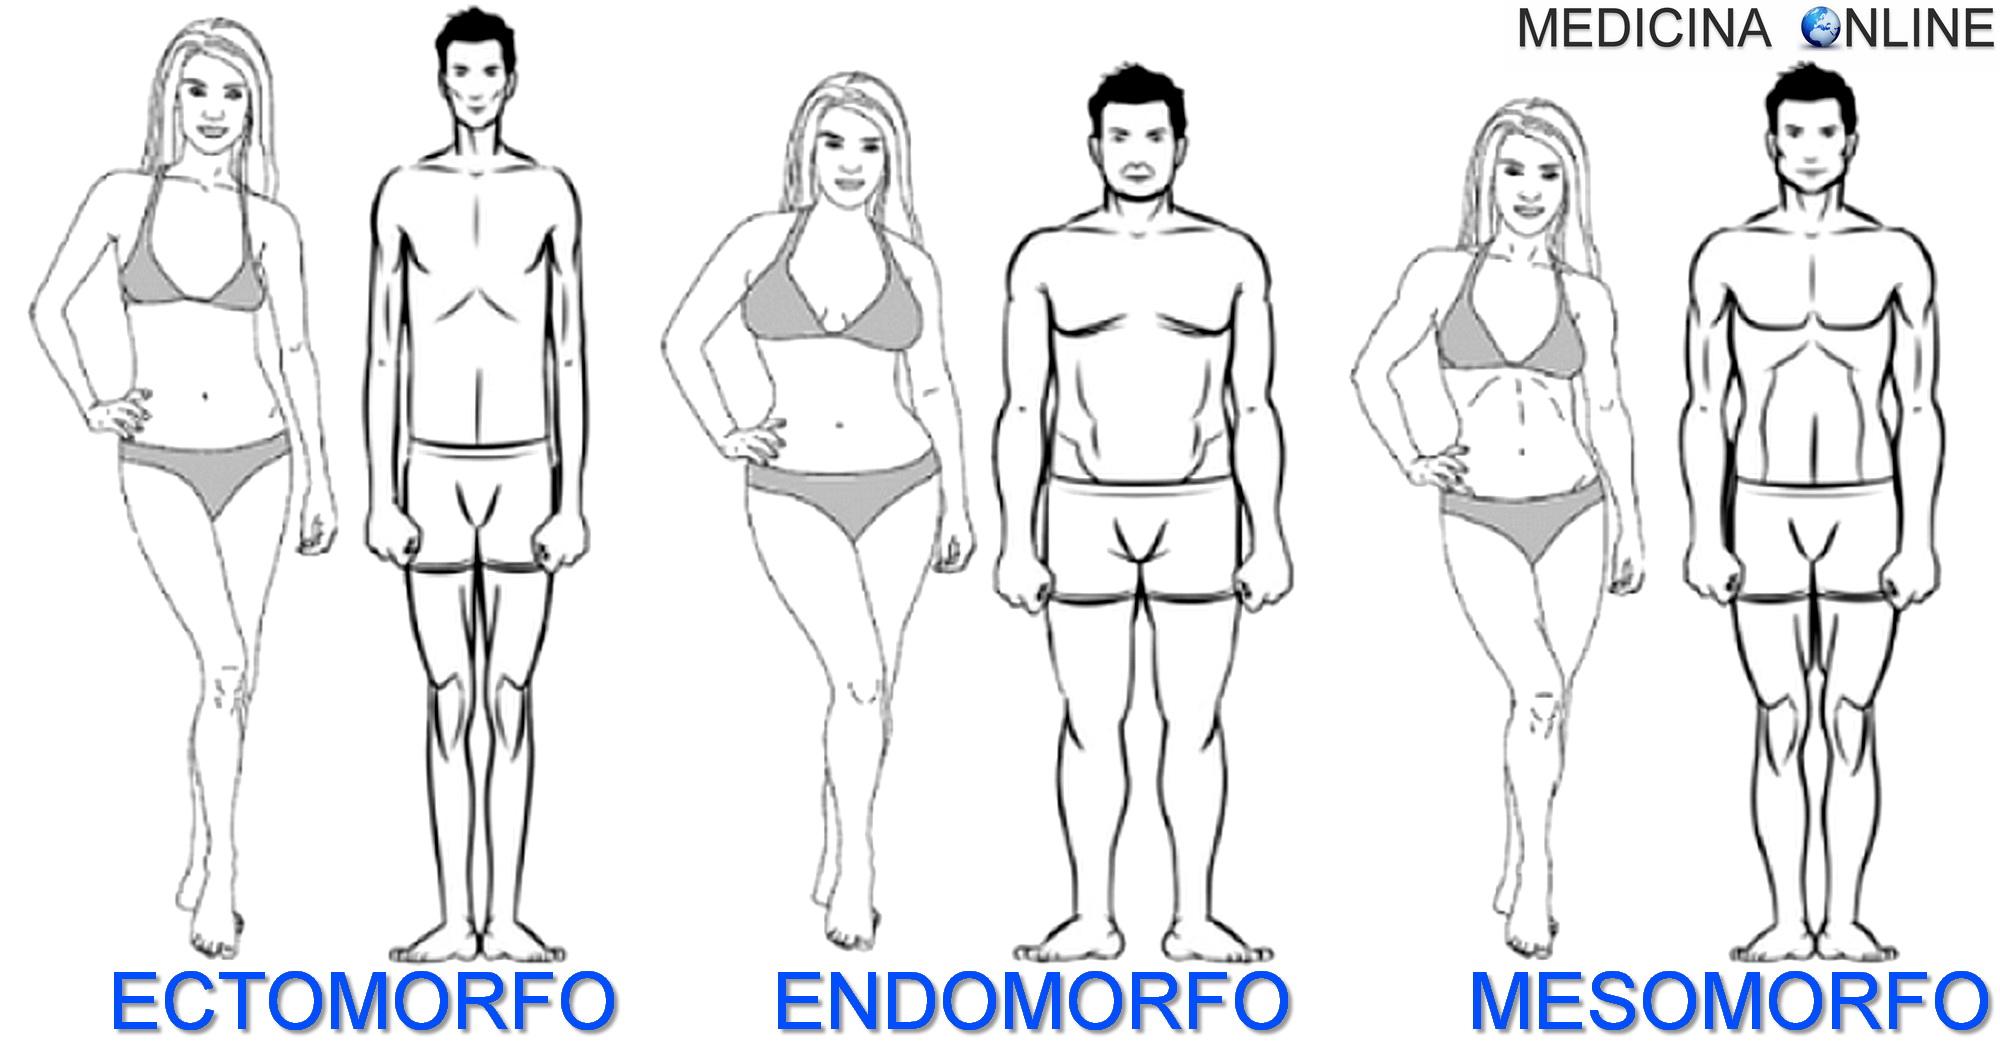 Endomorfo dieta per dimagrire